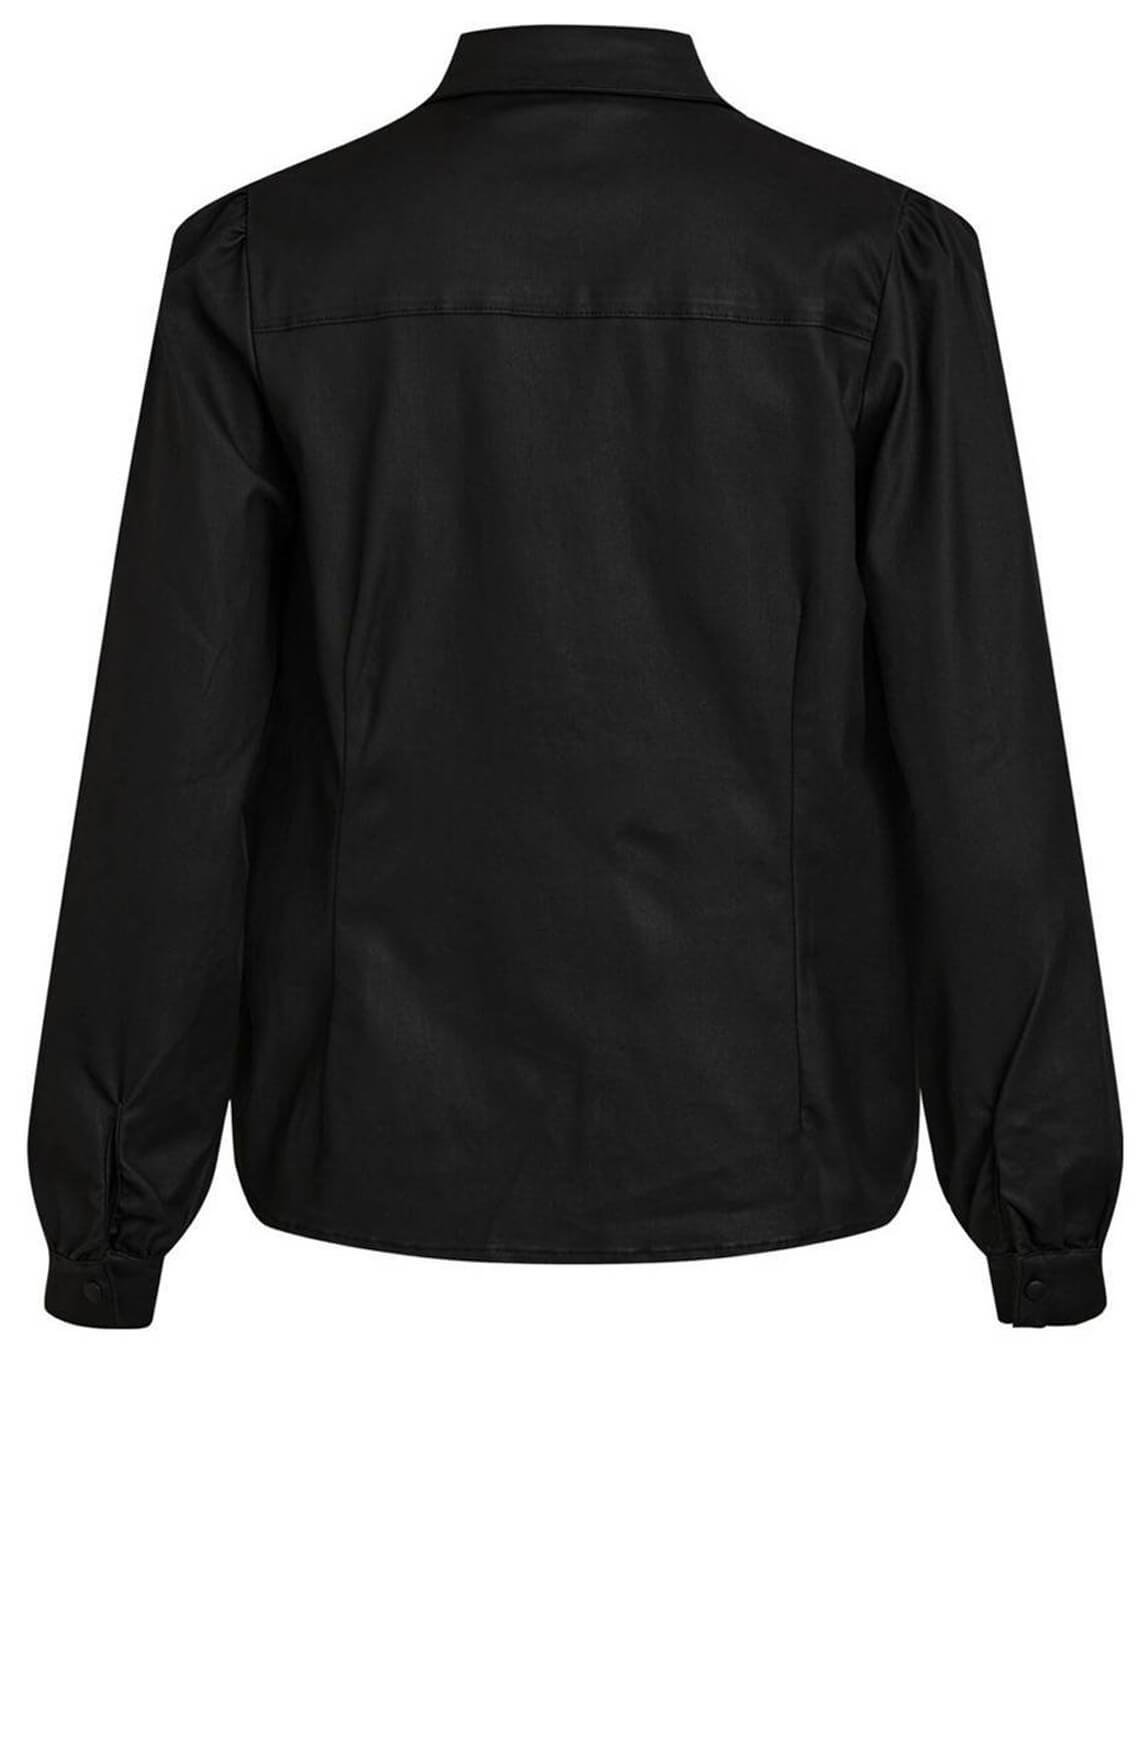 Object Dames Carla gecoate blouse Zwart